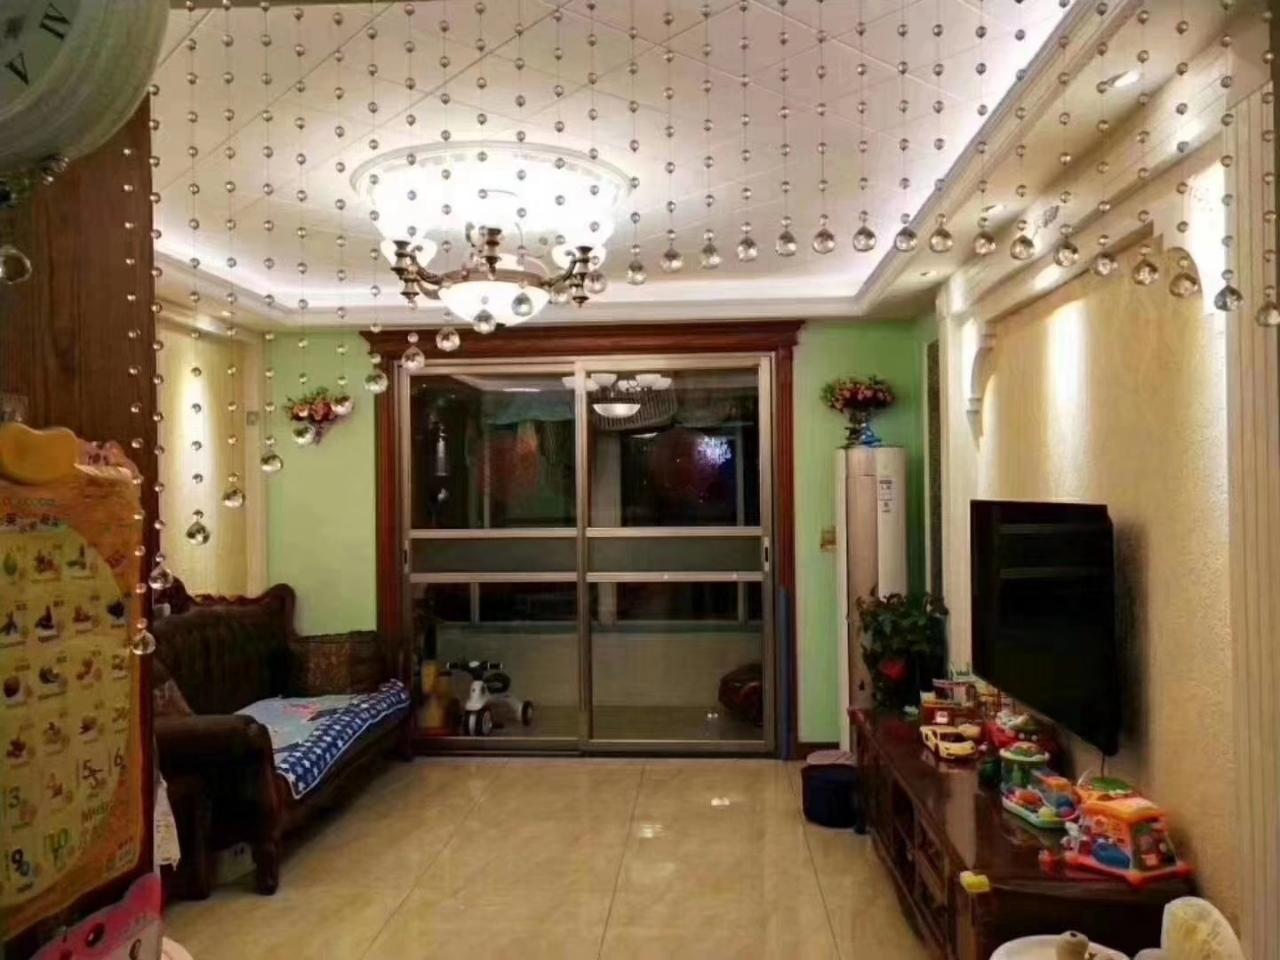 平章府小区2室2厅1卫82万元带车库38平